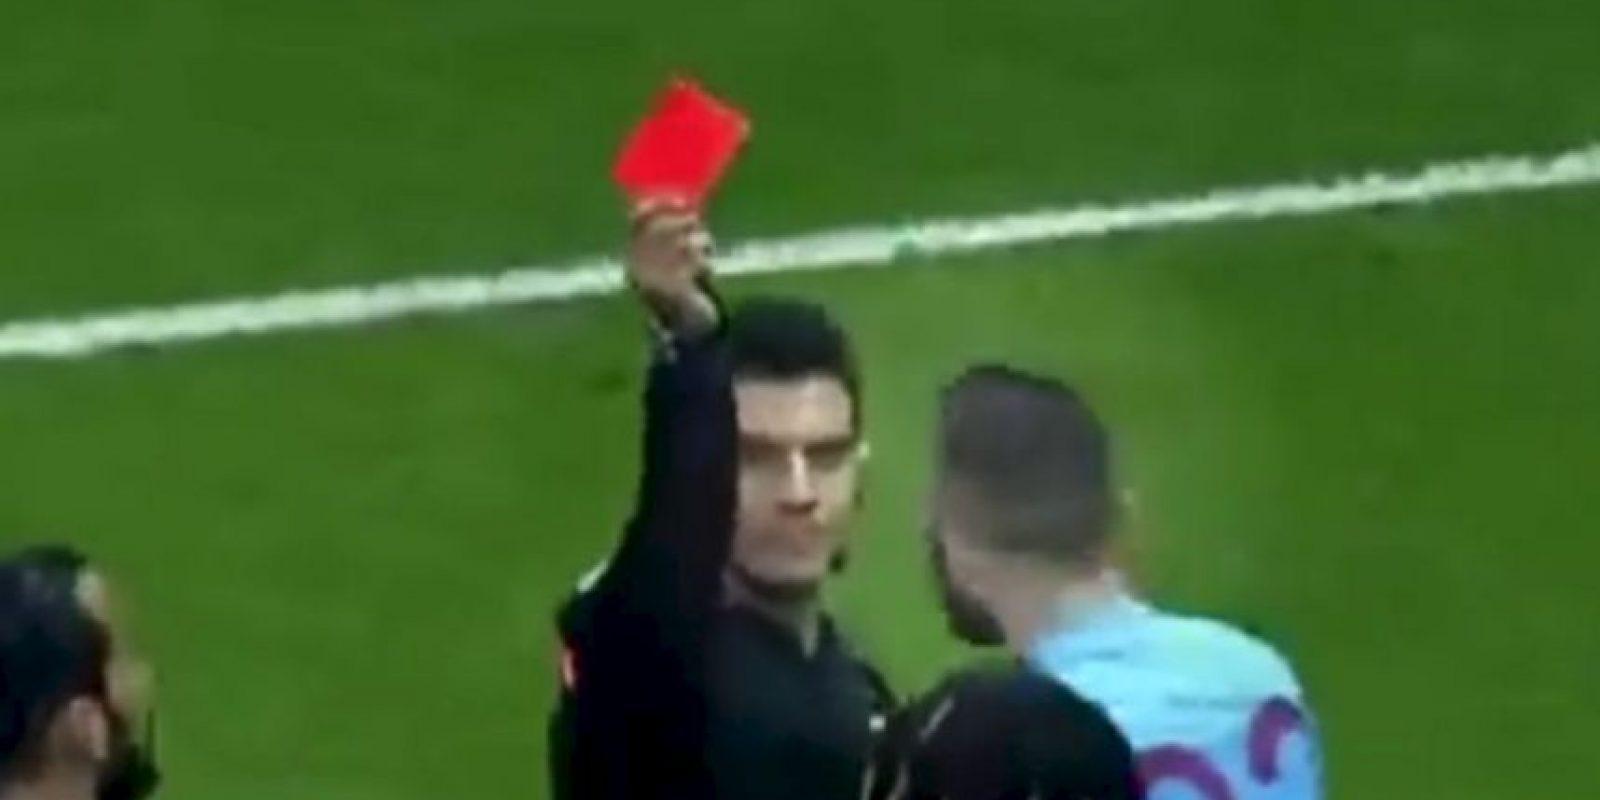 En Turquía, en el encuentro entre Galatasaray y Trabzonspor, el árbitro expulsa a Luis Pedro Cavanda. Foto:Twitter